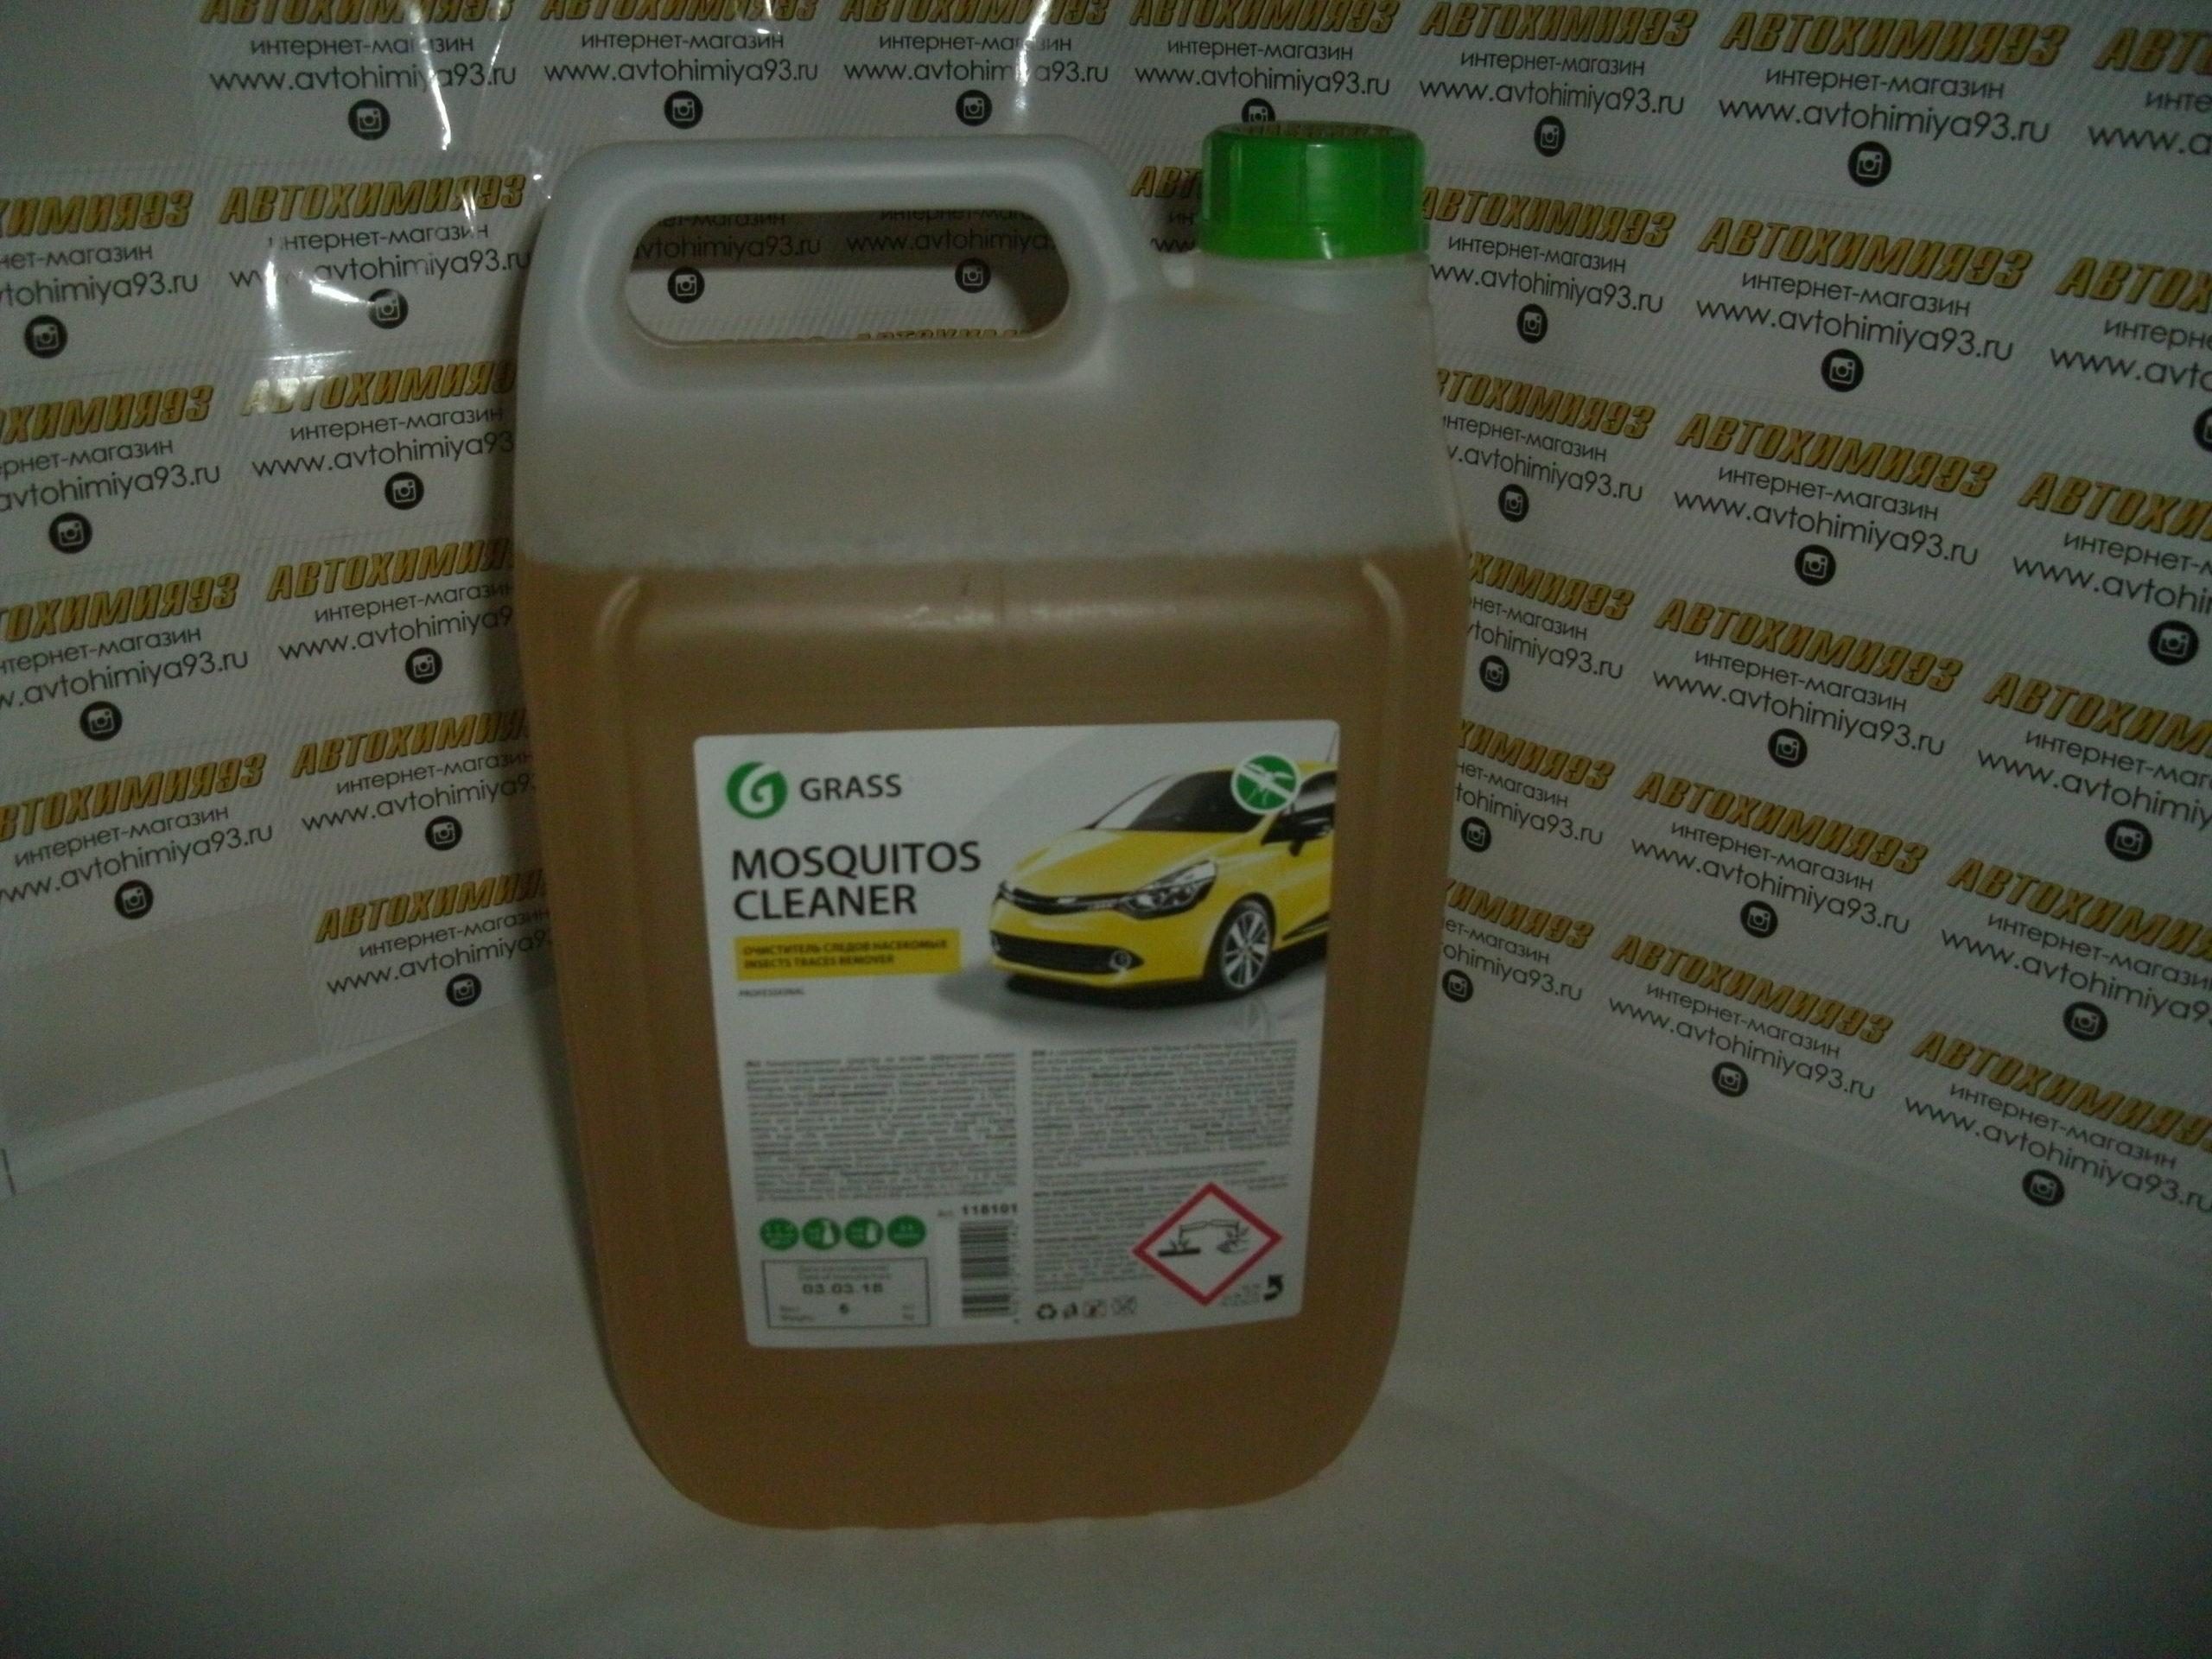 Средство для удаления следов насекомых «Mosquitos Cleaner» 5Л